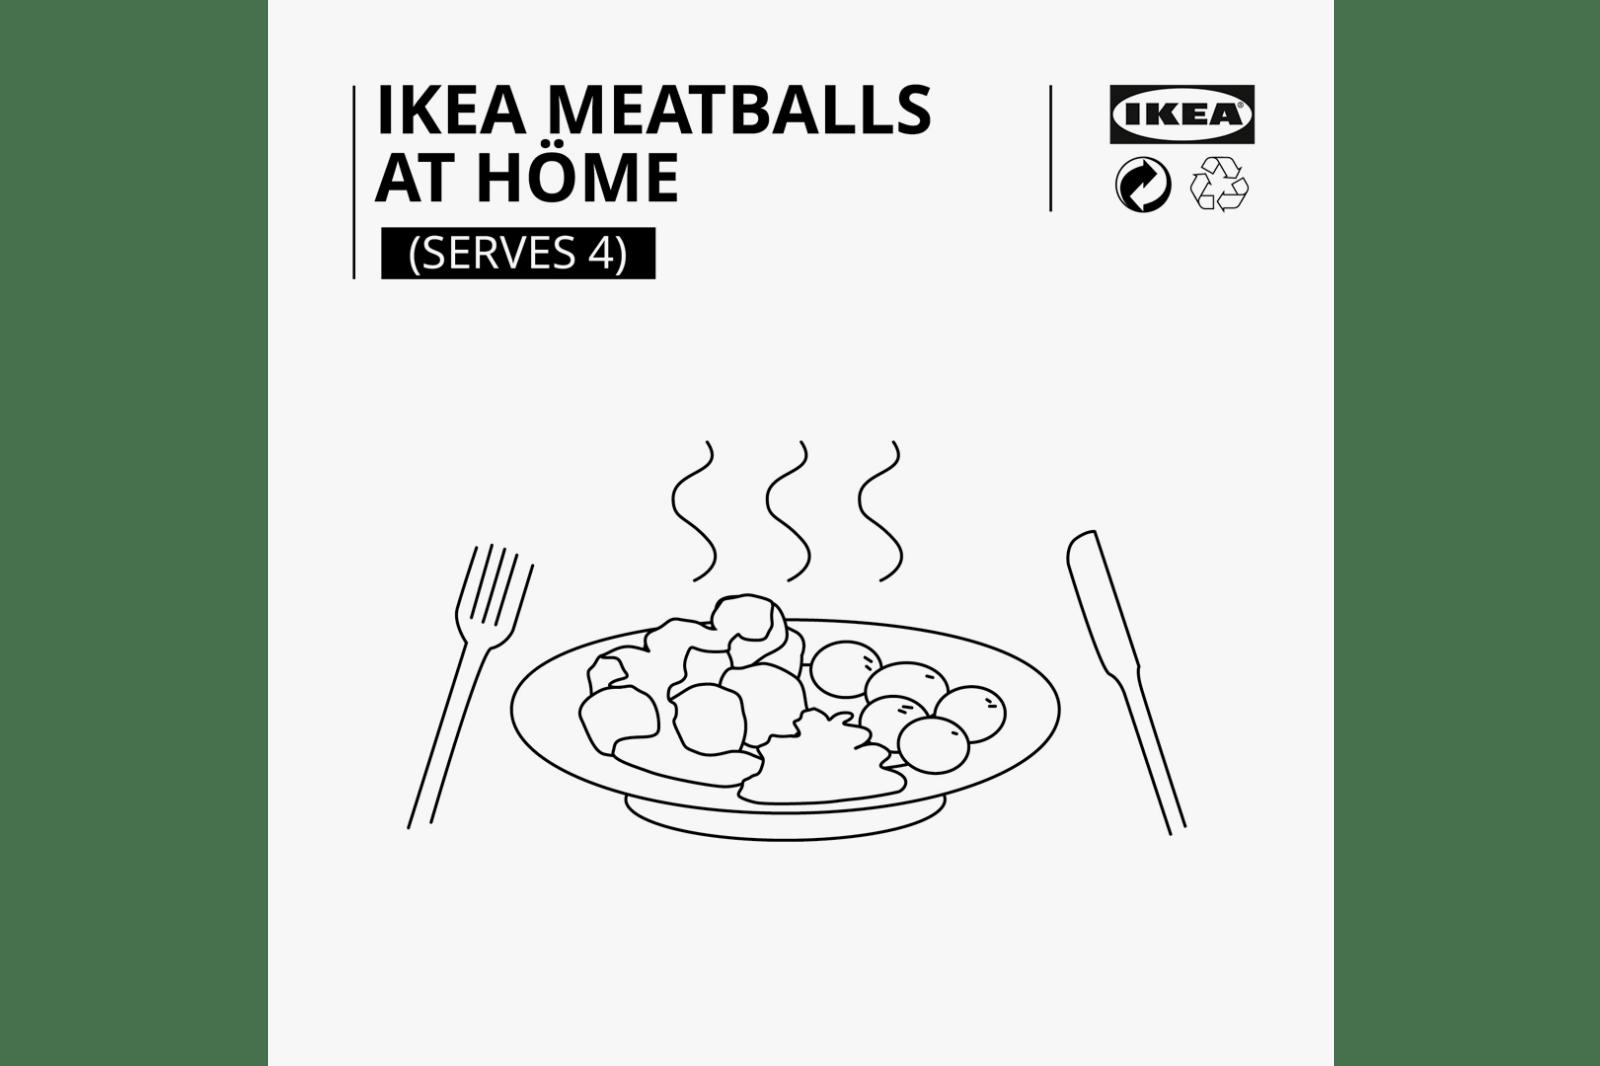 自行動手做!IKEA 發佈著名「瑞典肉丸」製作食譜